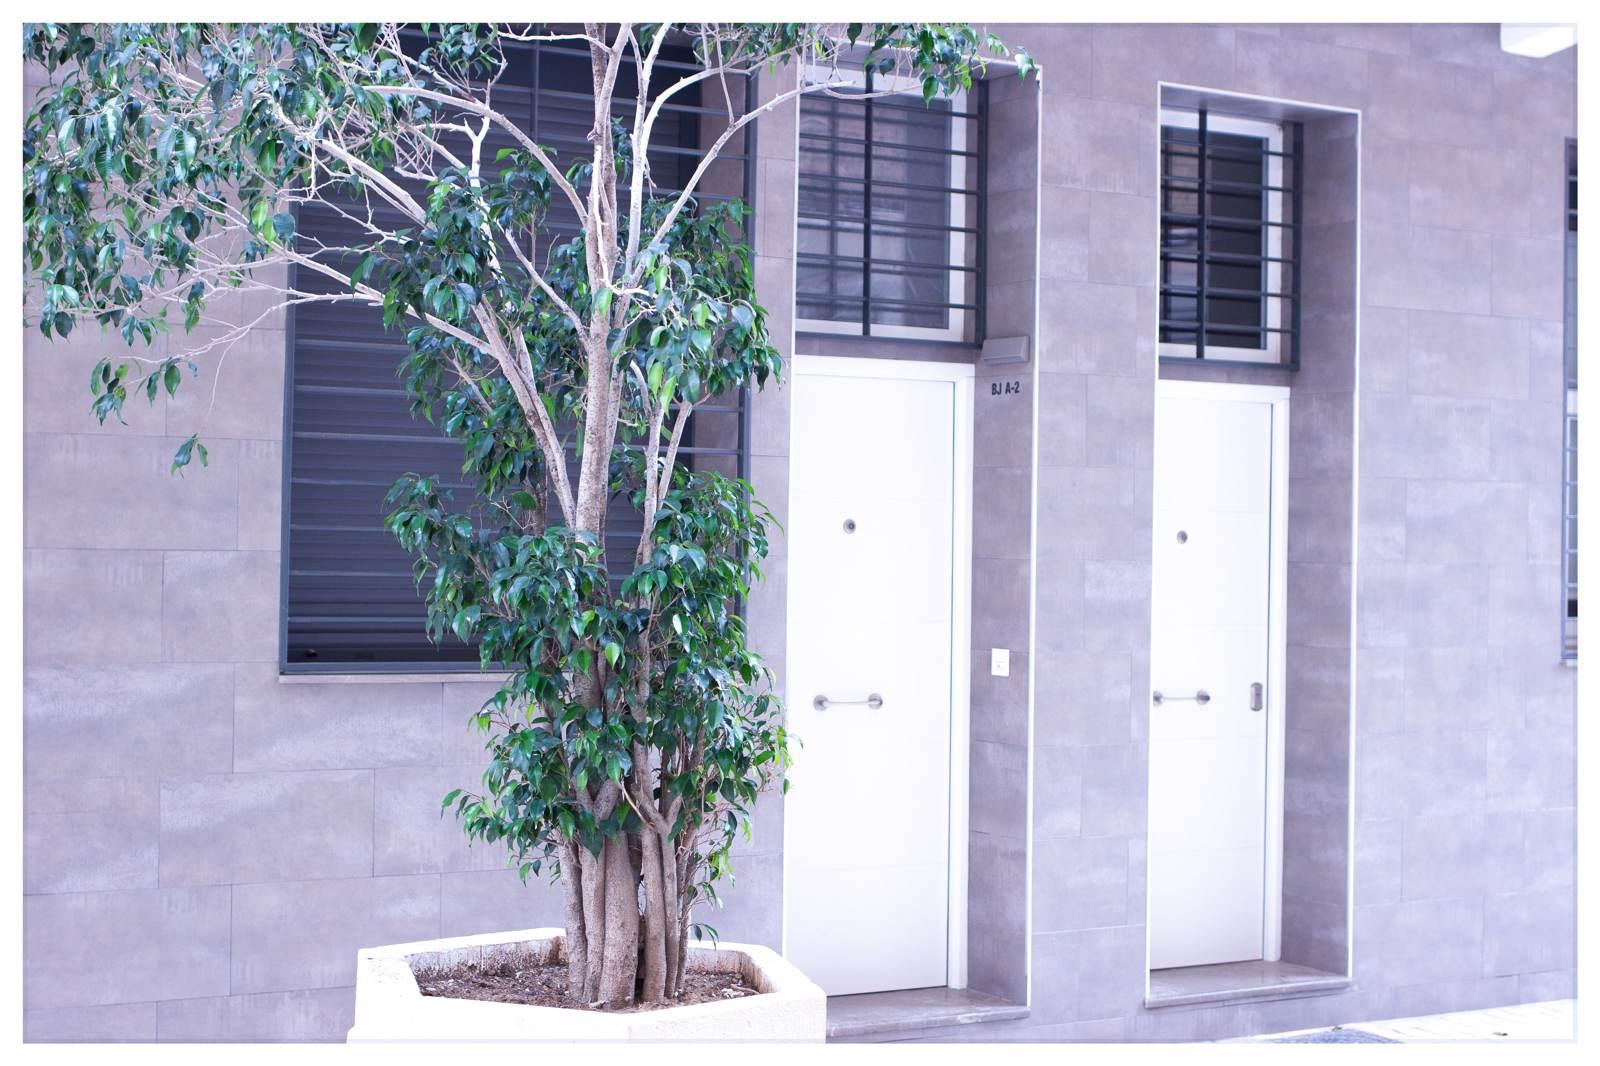 Holiday rental apartaments in Málaga. Apartments in the city center and El Palo beach. The best location in Málaga. - Estación centro vialia 1